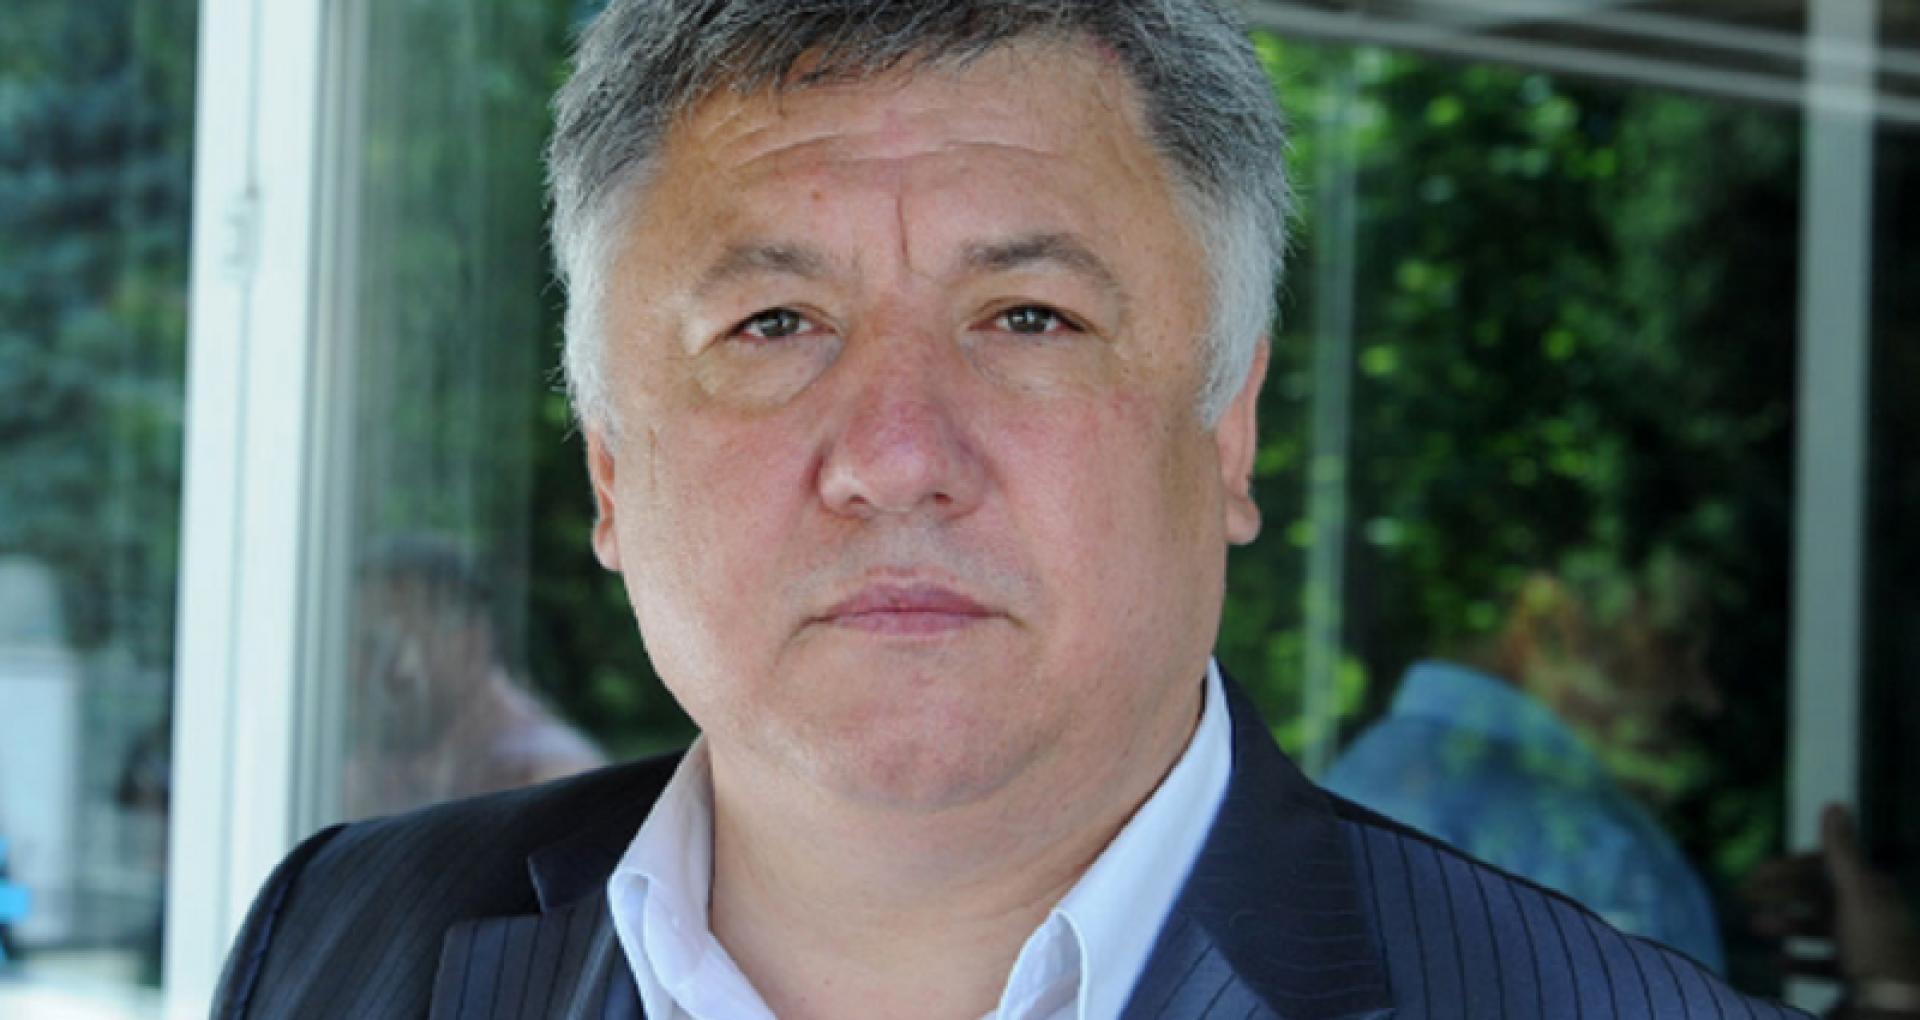 CSM a aprobat cererea de demisie a lui Sergiu Furdui din funcția de judecător la Curtea de Apel Chișinău